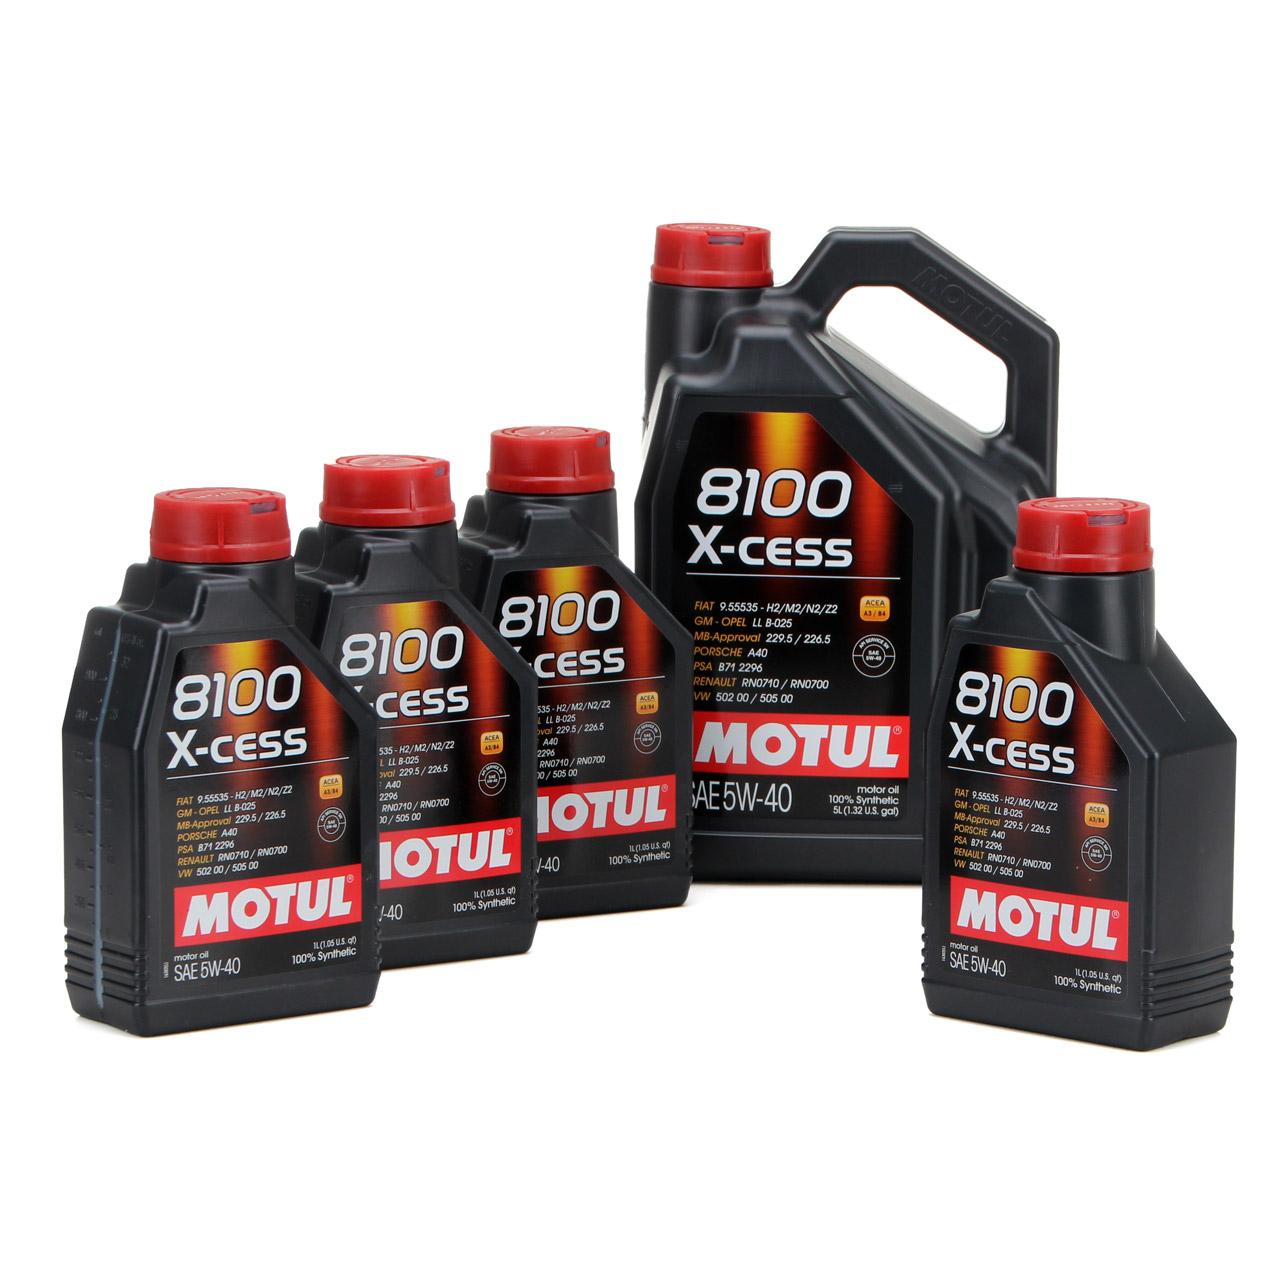 MOTUL 8100 X-cess Motoröl Öl 5W40 MB 229.5/226.5 VW 502.00/505.00 - 9L 9 Liter